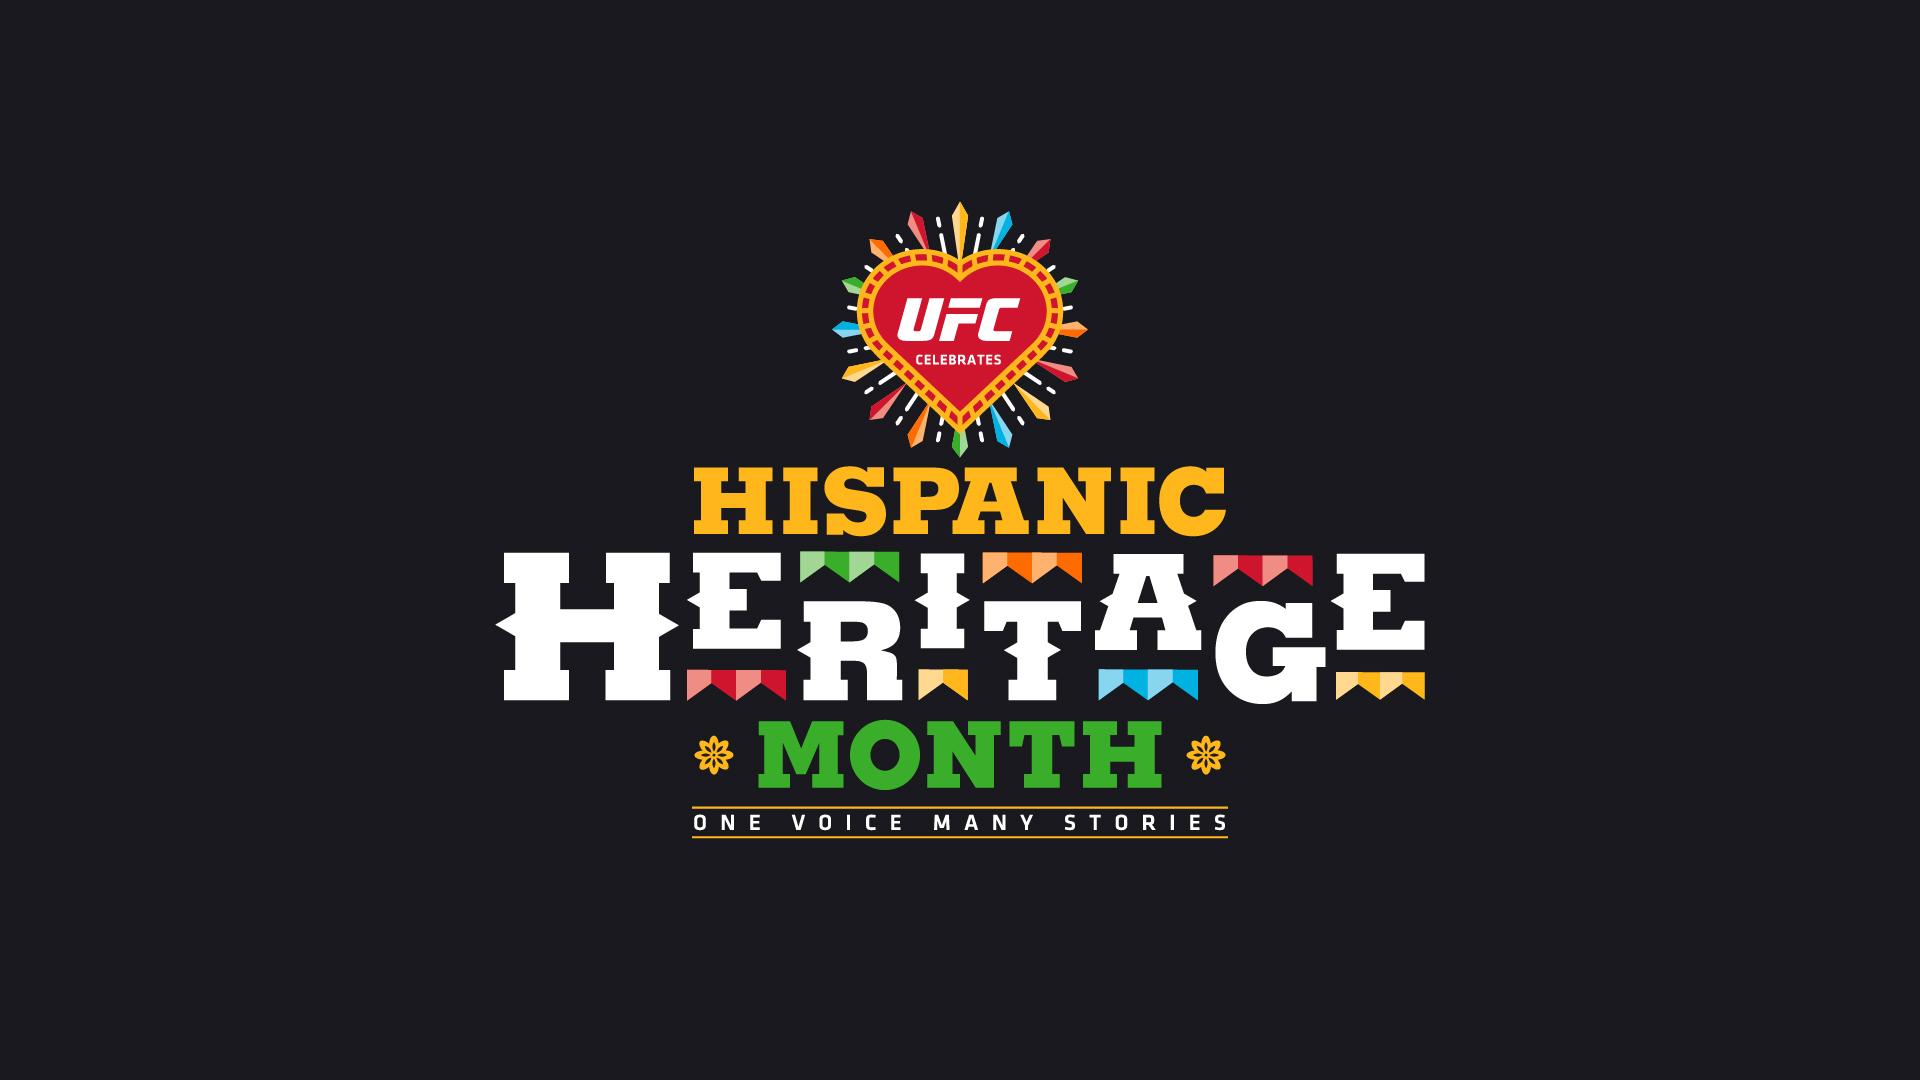 UFC Celebrates Hispanic Heritage Month